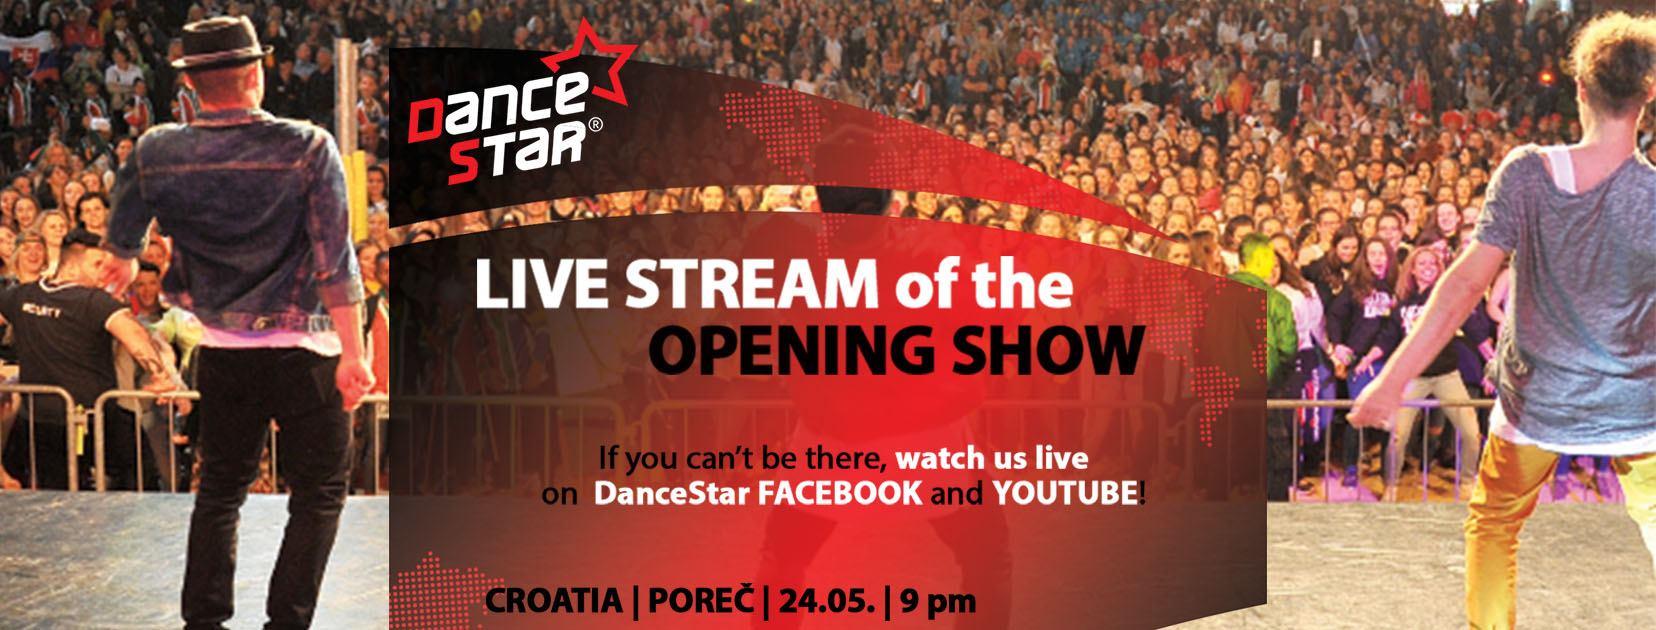 DanceStar dovodi plesače iz cijelog svijeta u Grad Poreč od 24. do 27. svibnja